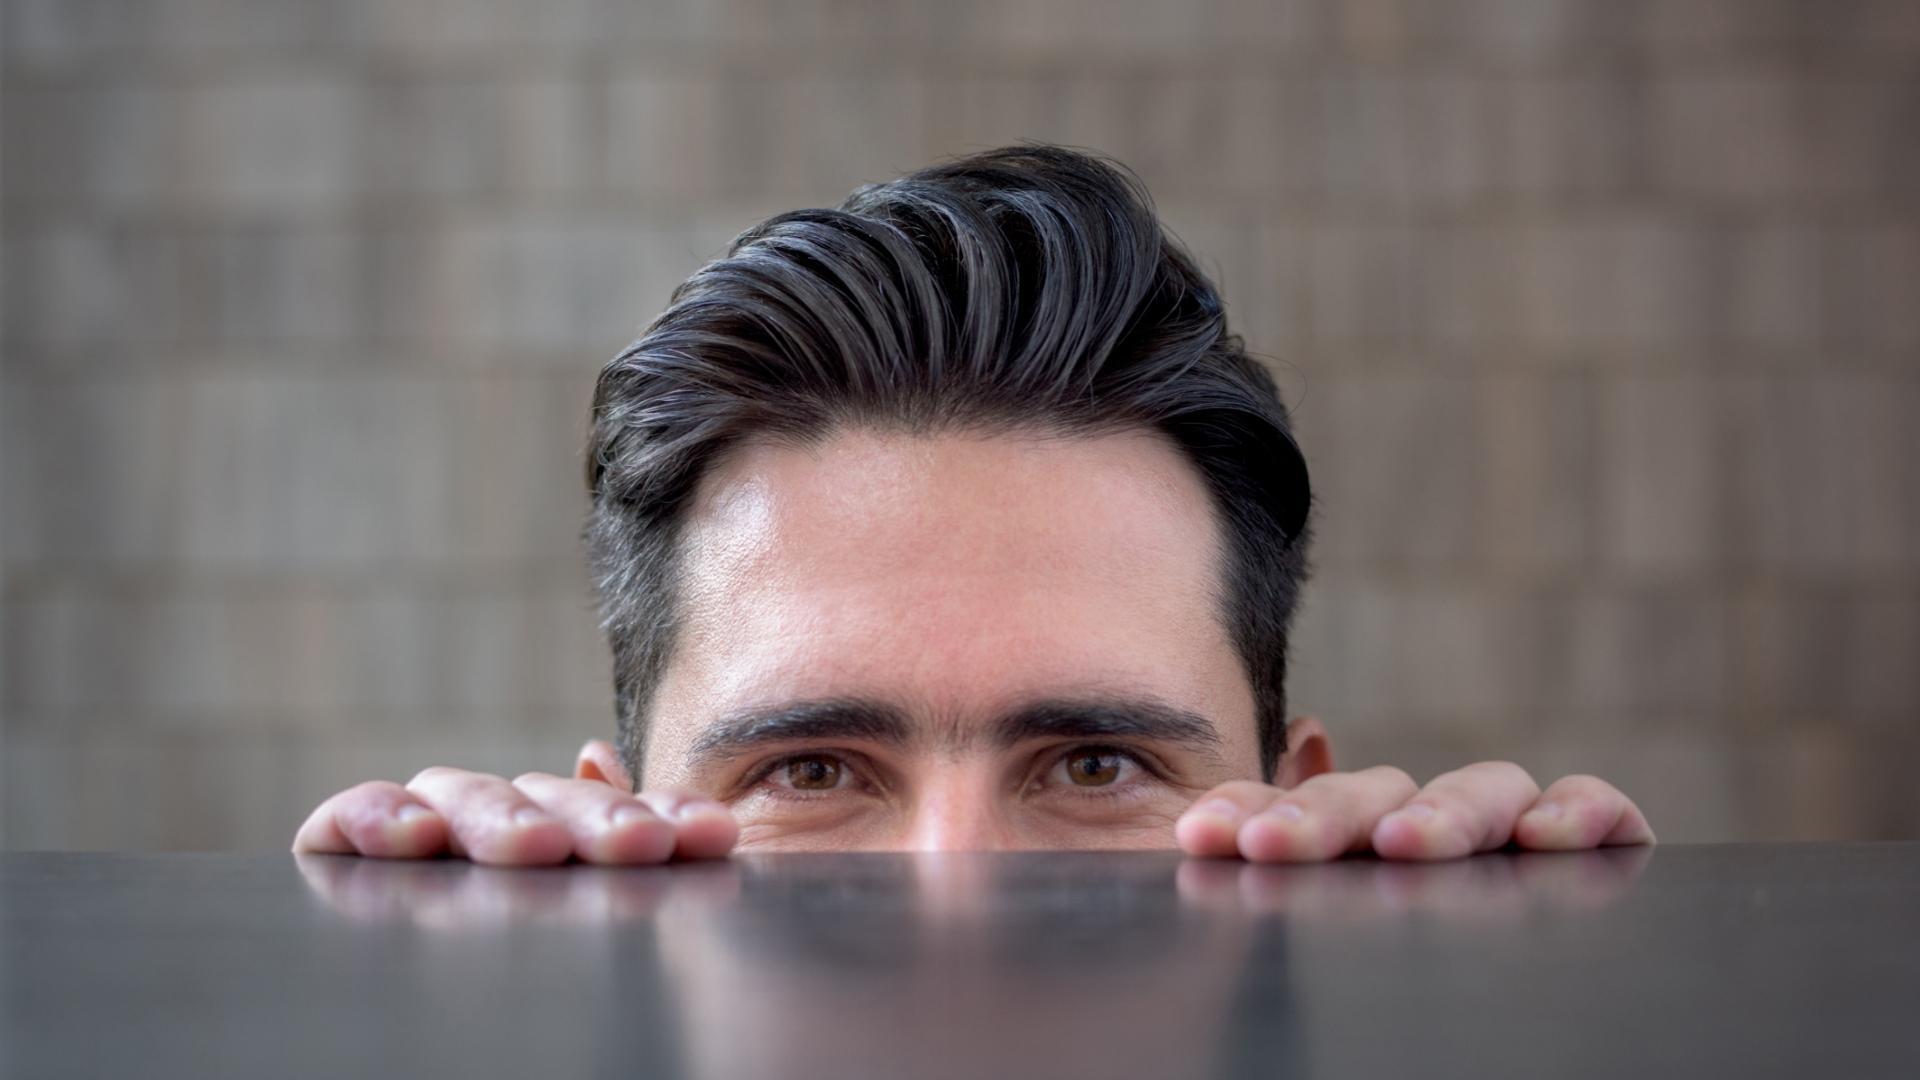 VR-технологии помогли изучить моральные качества психопатов